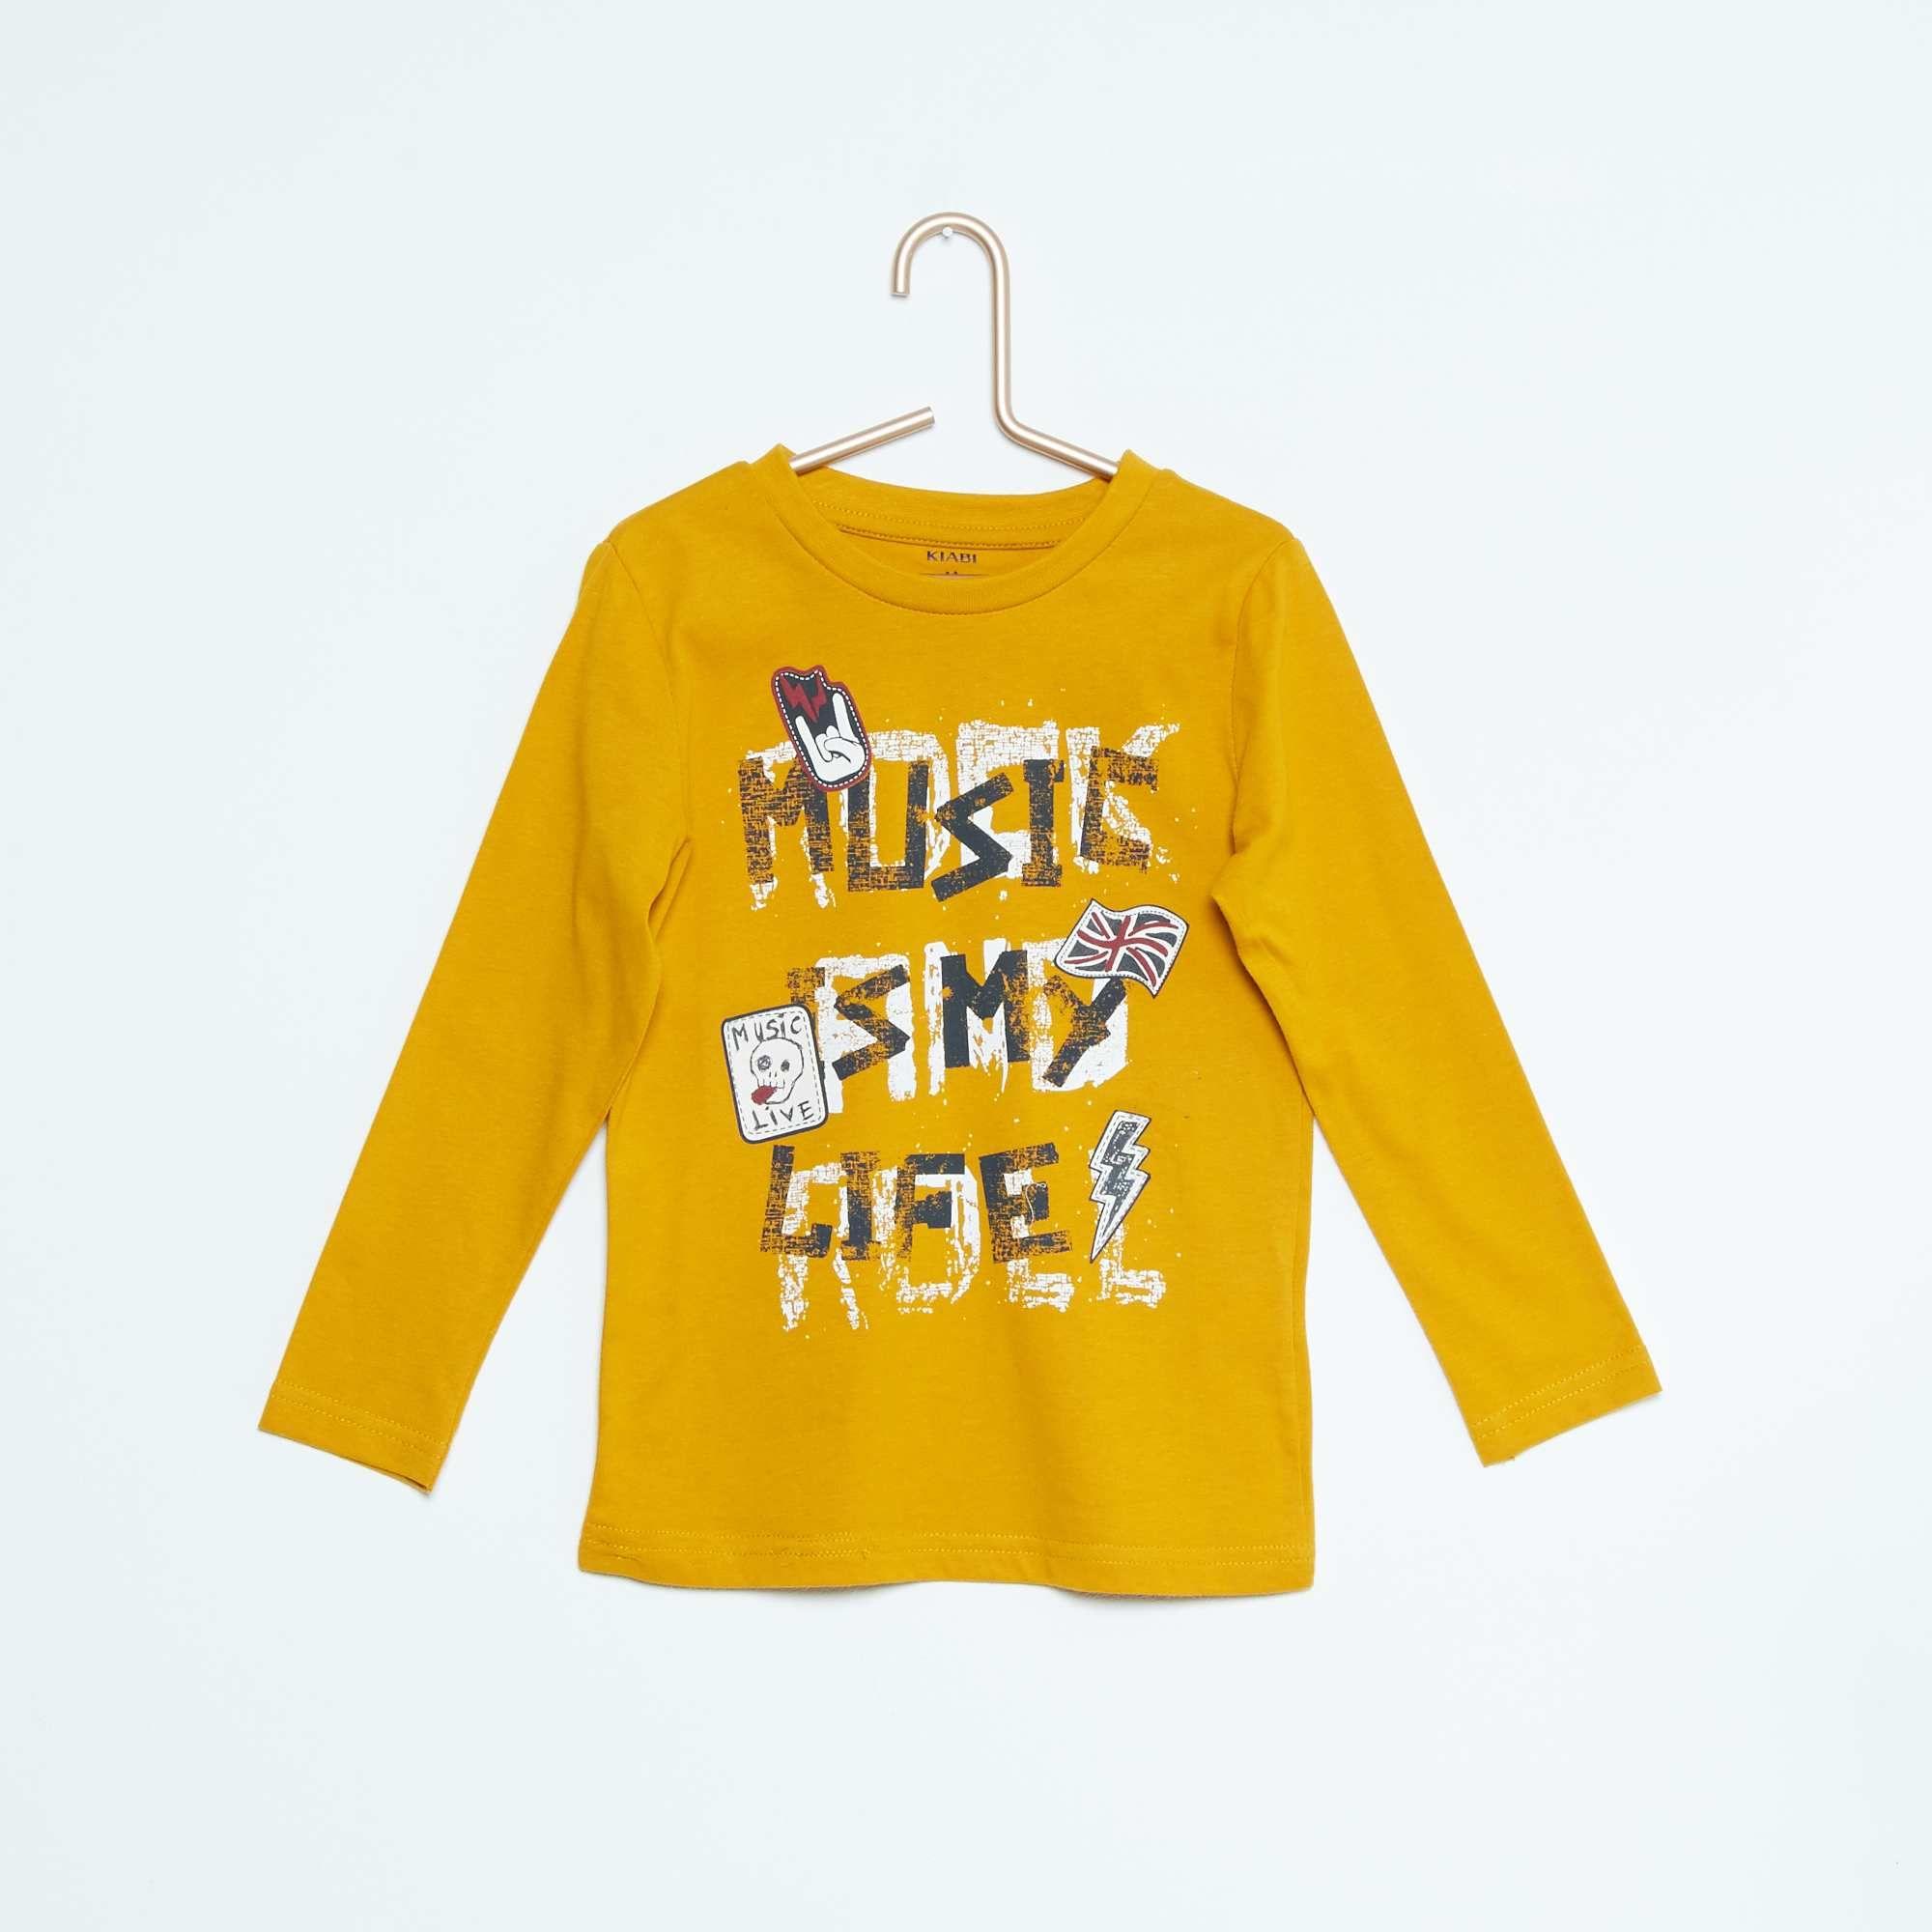 più economico migliore vendita nuovo stile di vita Maglietta cotone con stampa Infanzia bambino - Kiabi - 3,00 ...